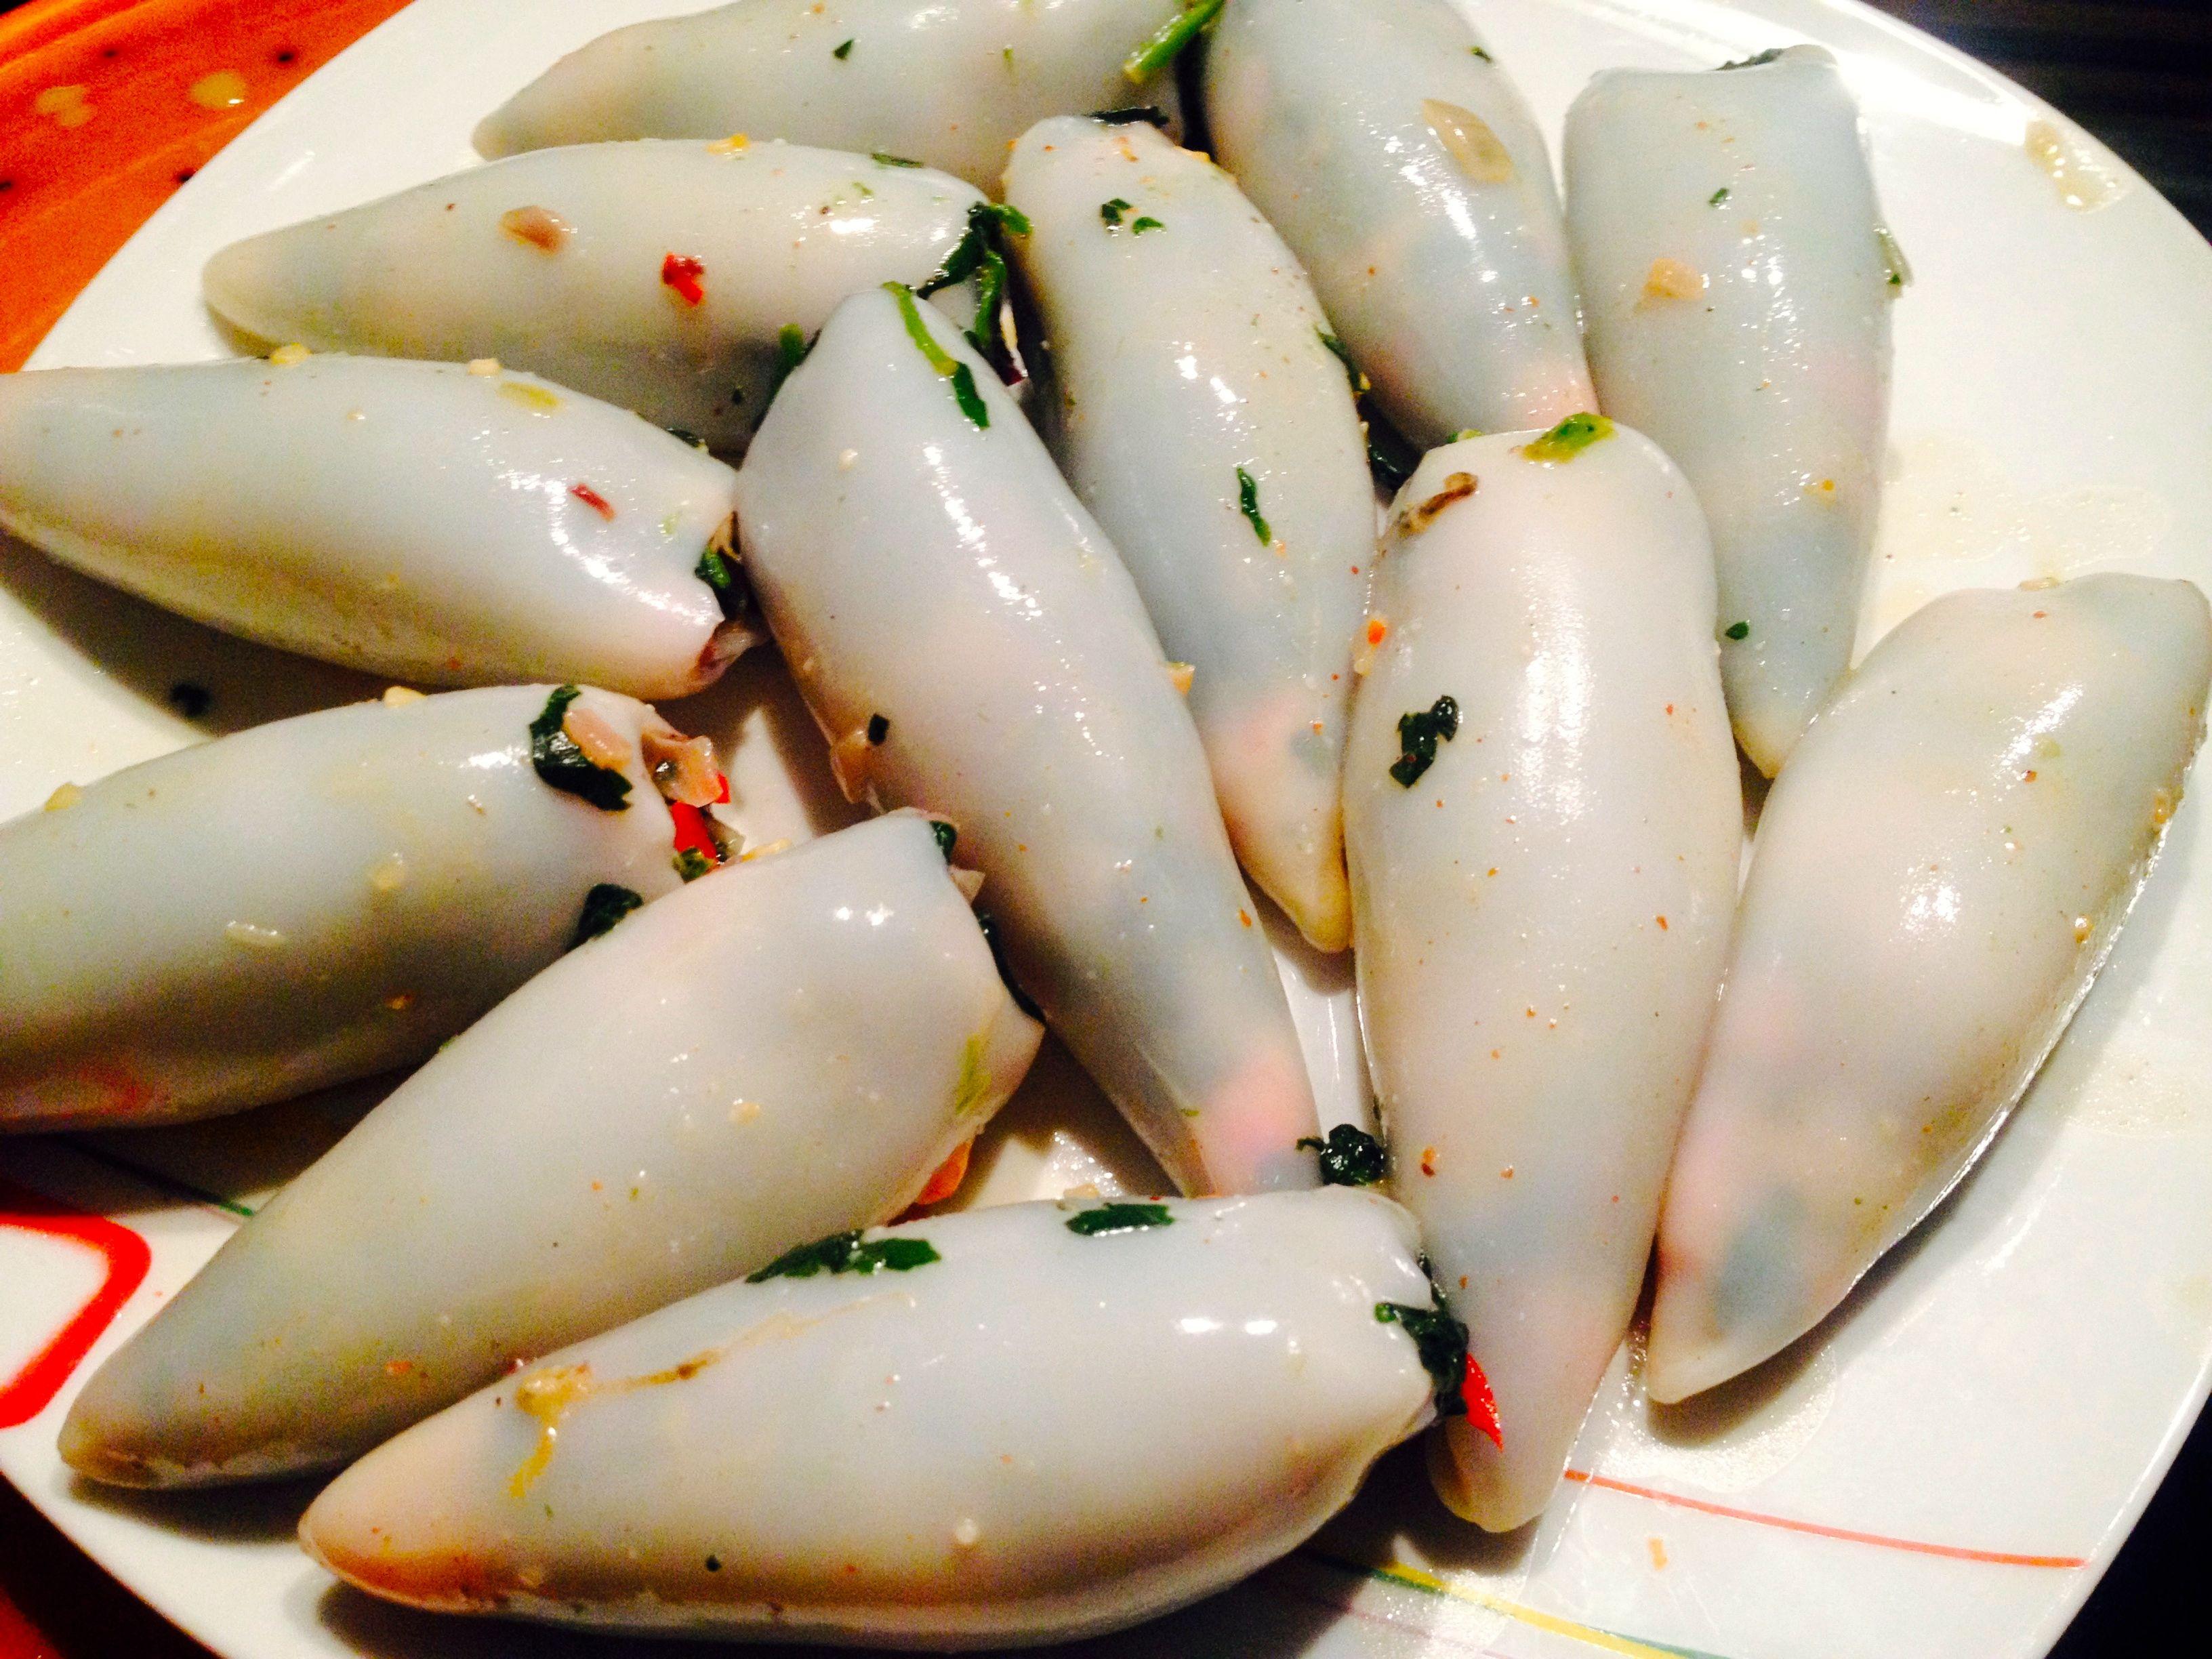 gefüllte Tintenfischtuben selber zubereiten